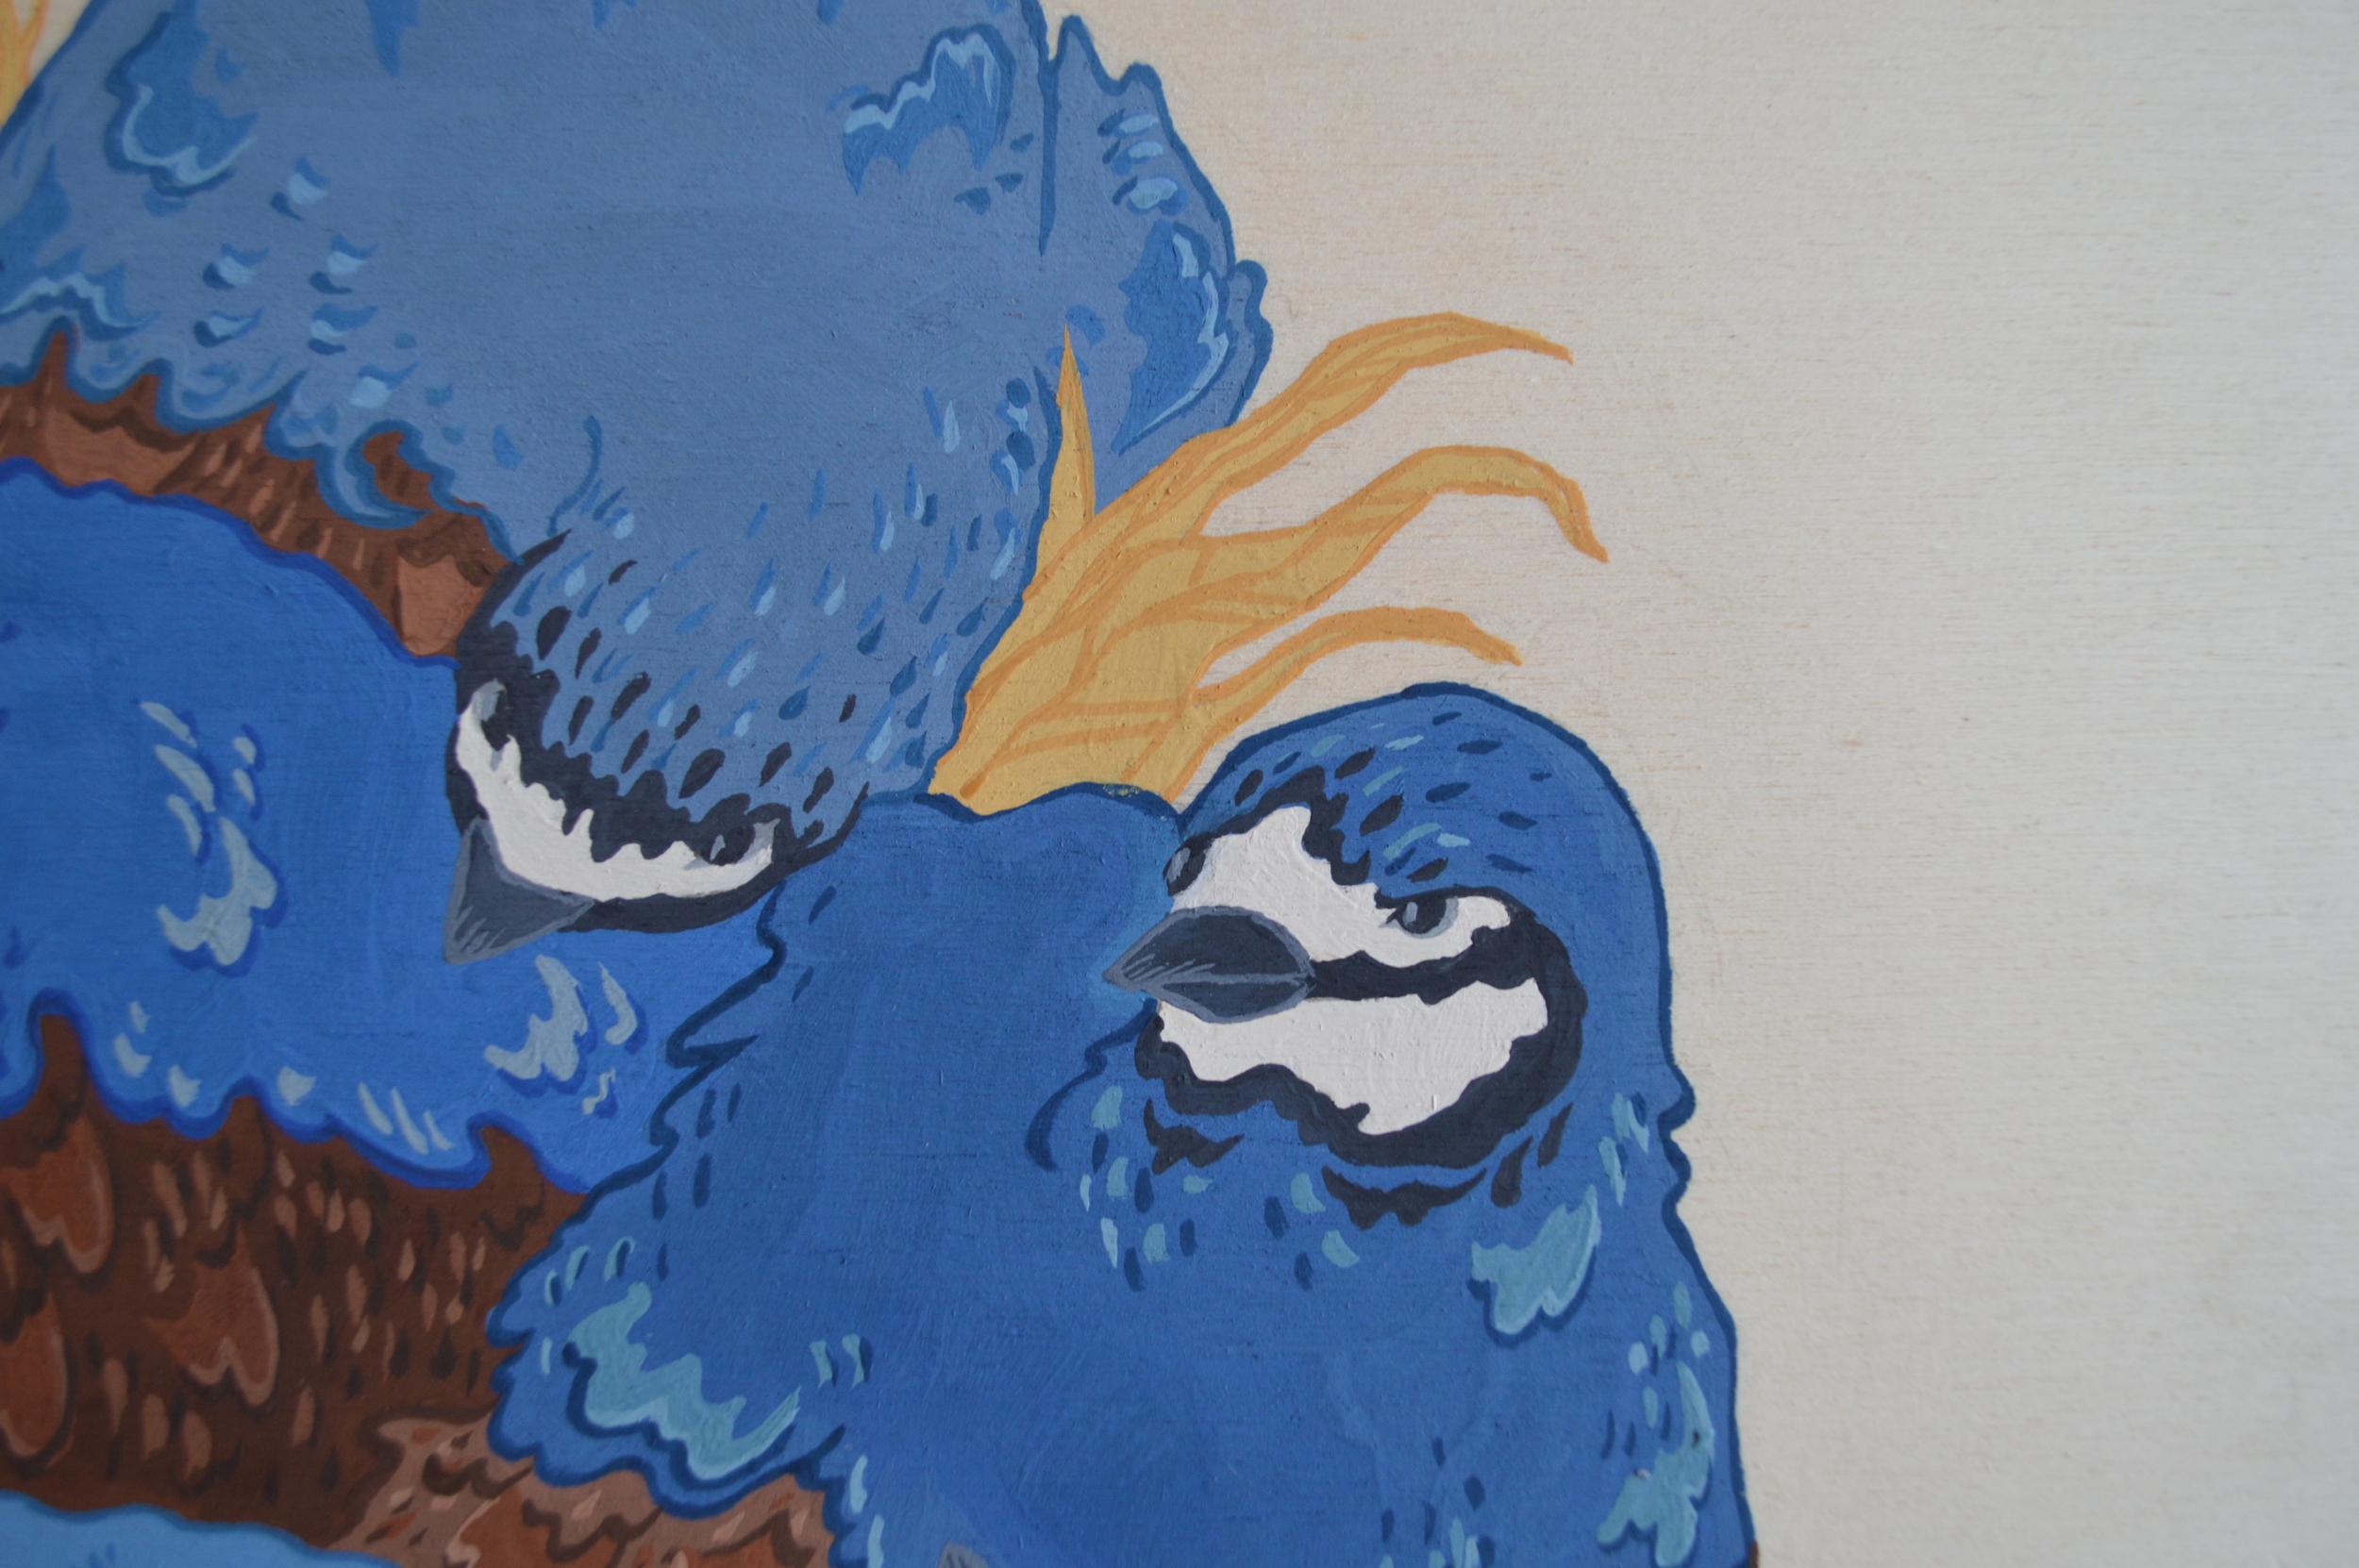 Quails  (detail),30 x 30 cm, gouache on wood, 2013